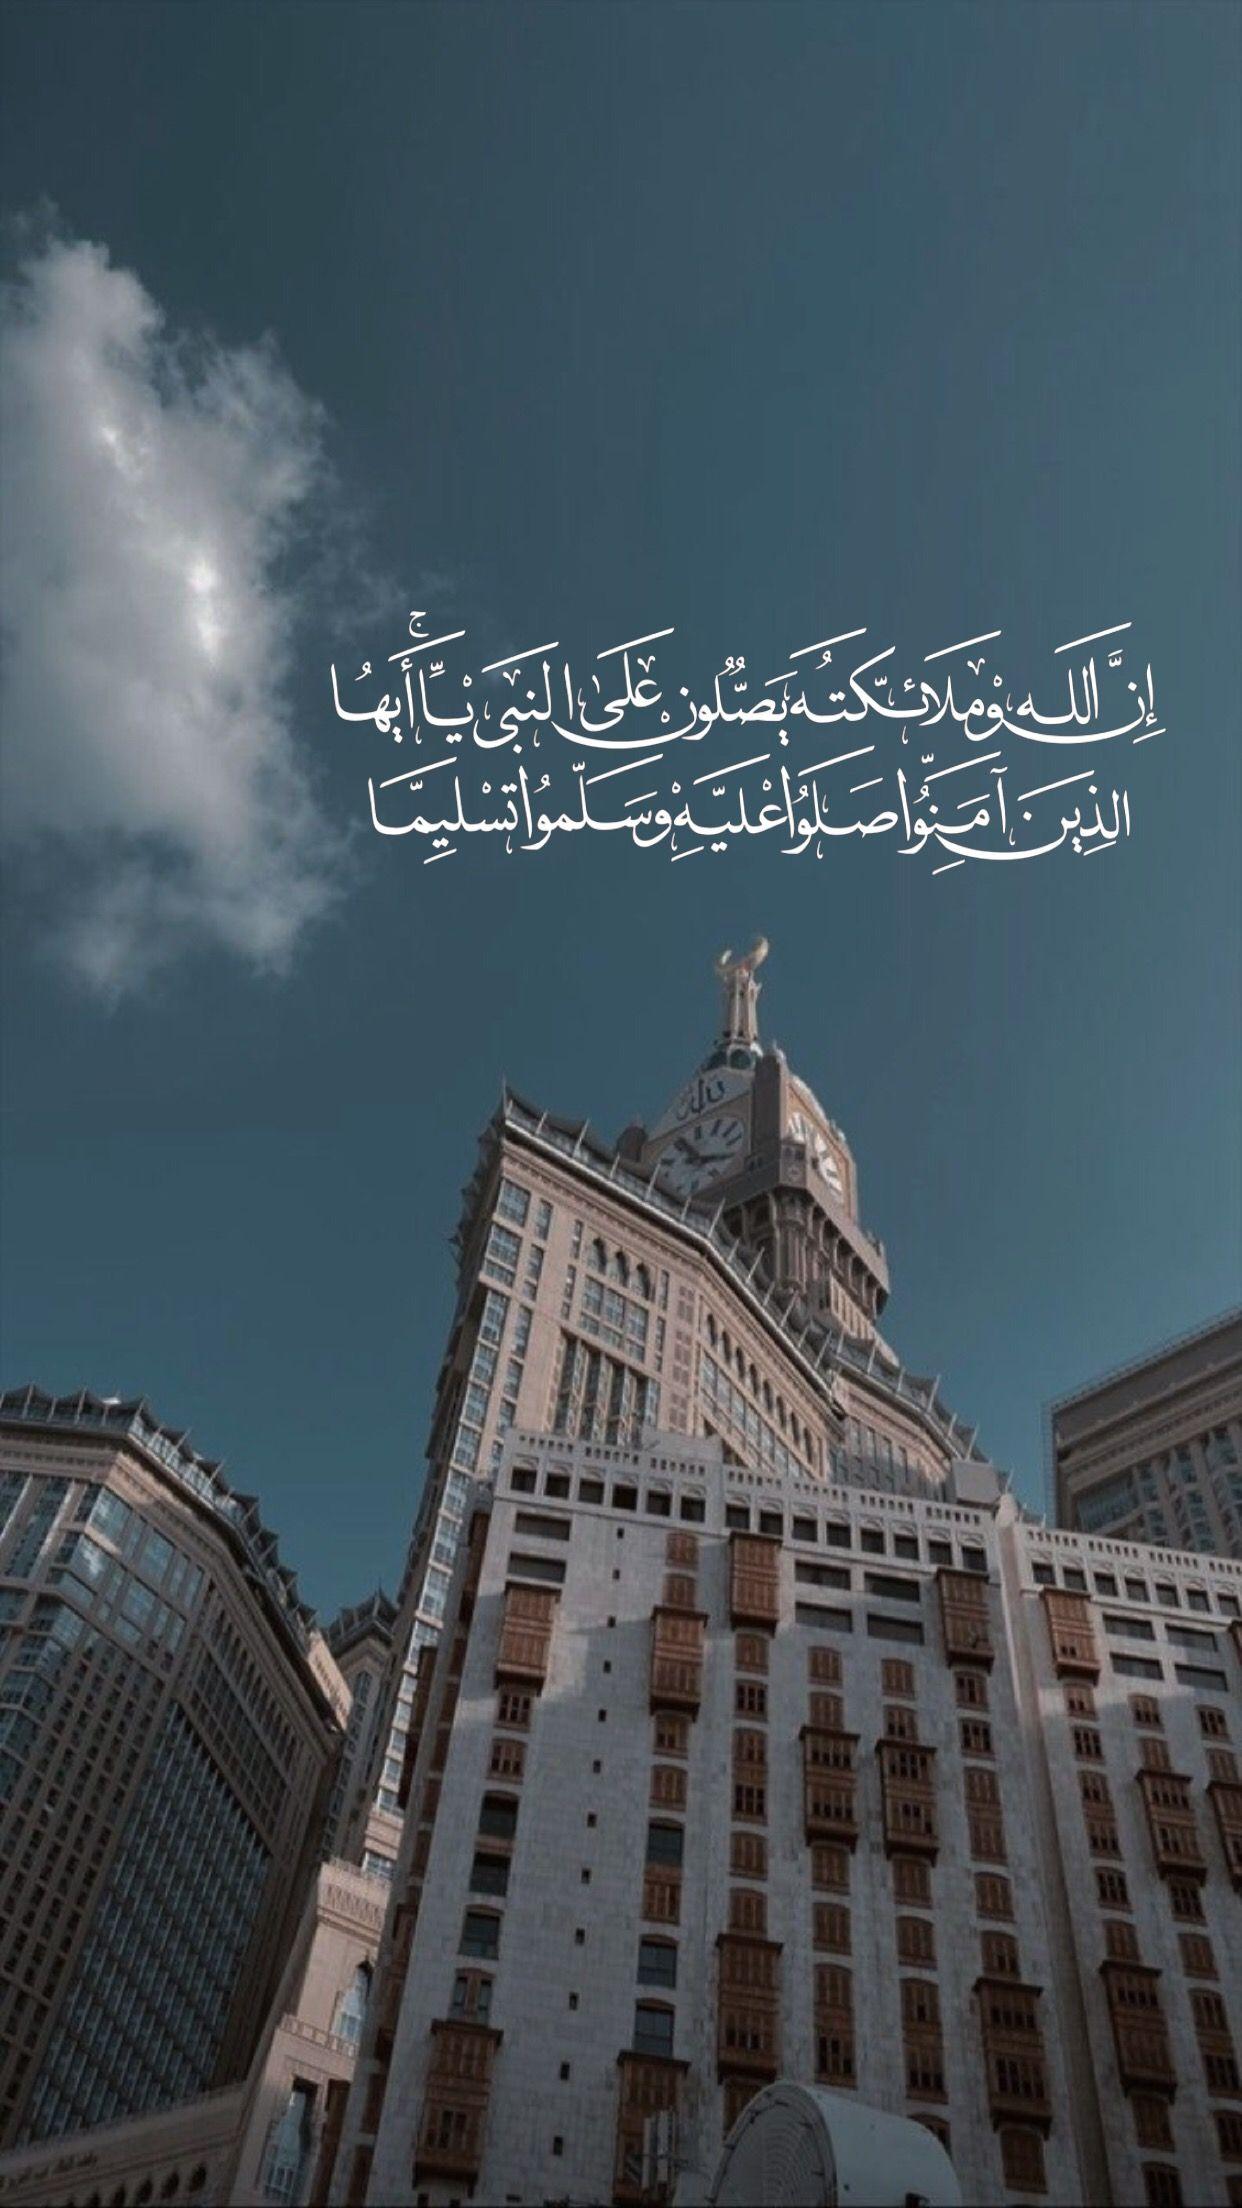 يوم الجمعه اللهم صل وسلم وبارك على نبينا محمد Islamic Pictures Beautiful Quran Quotes Friday Pictures